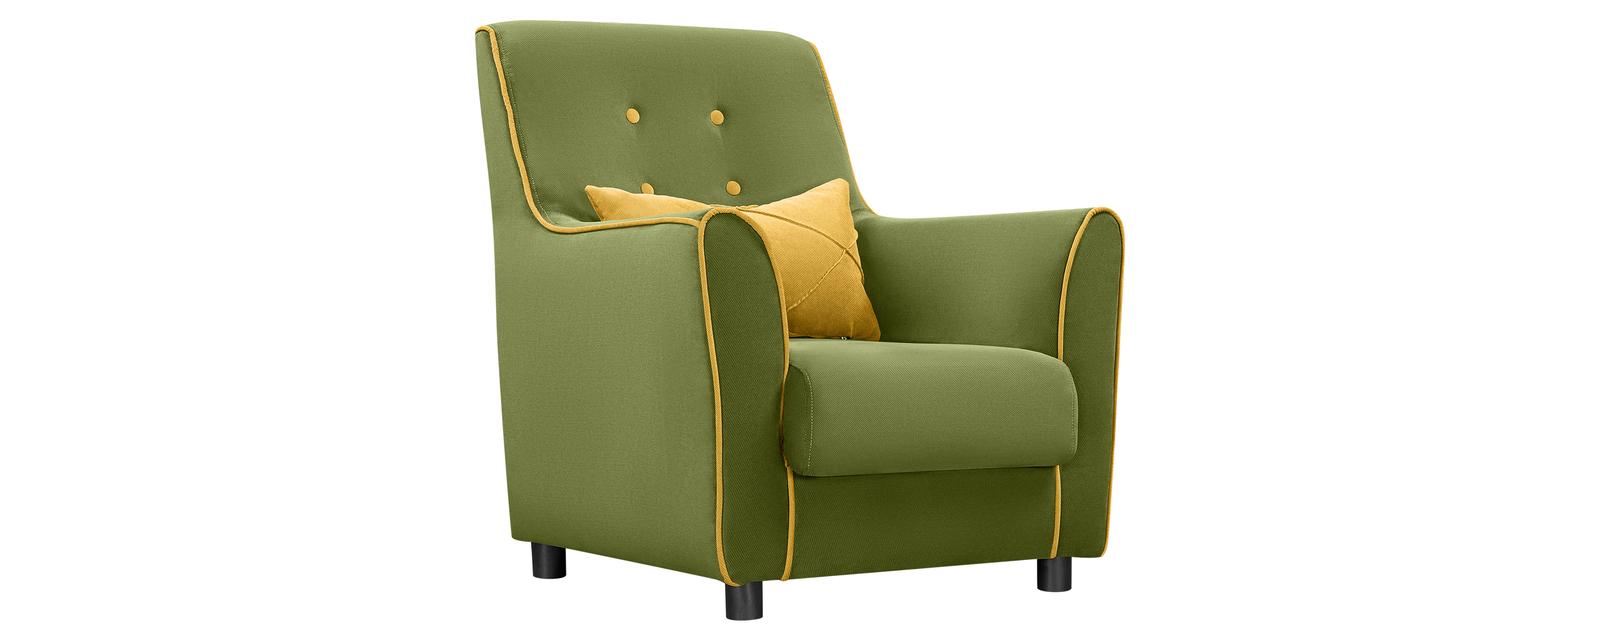 Кресло тканевое Флэтфорд Elegance зеленый/желтый (Микровелюр)